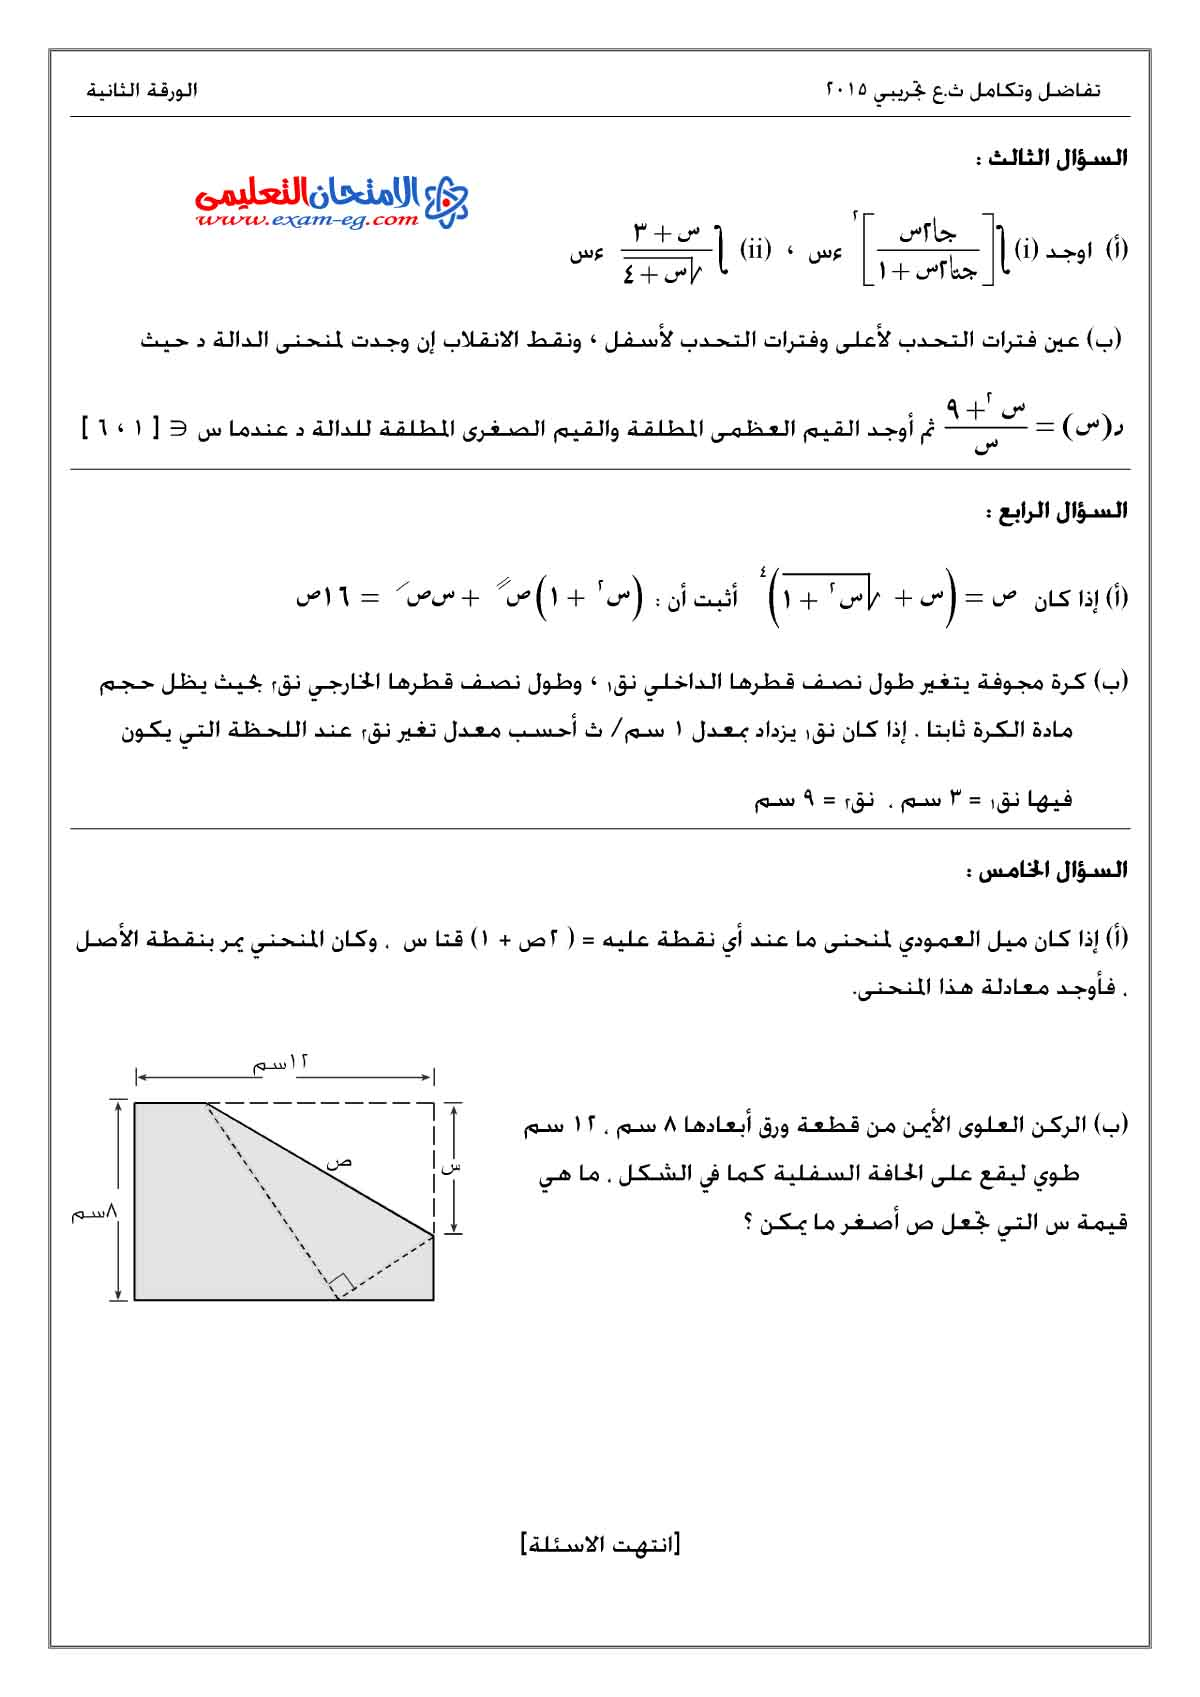 امتحان الوزارة فى التفاضل والتكامل 1